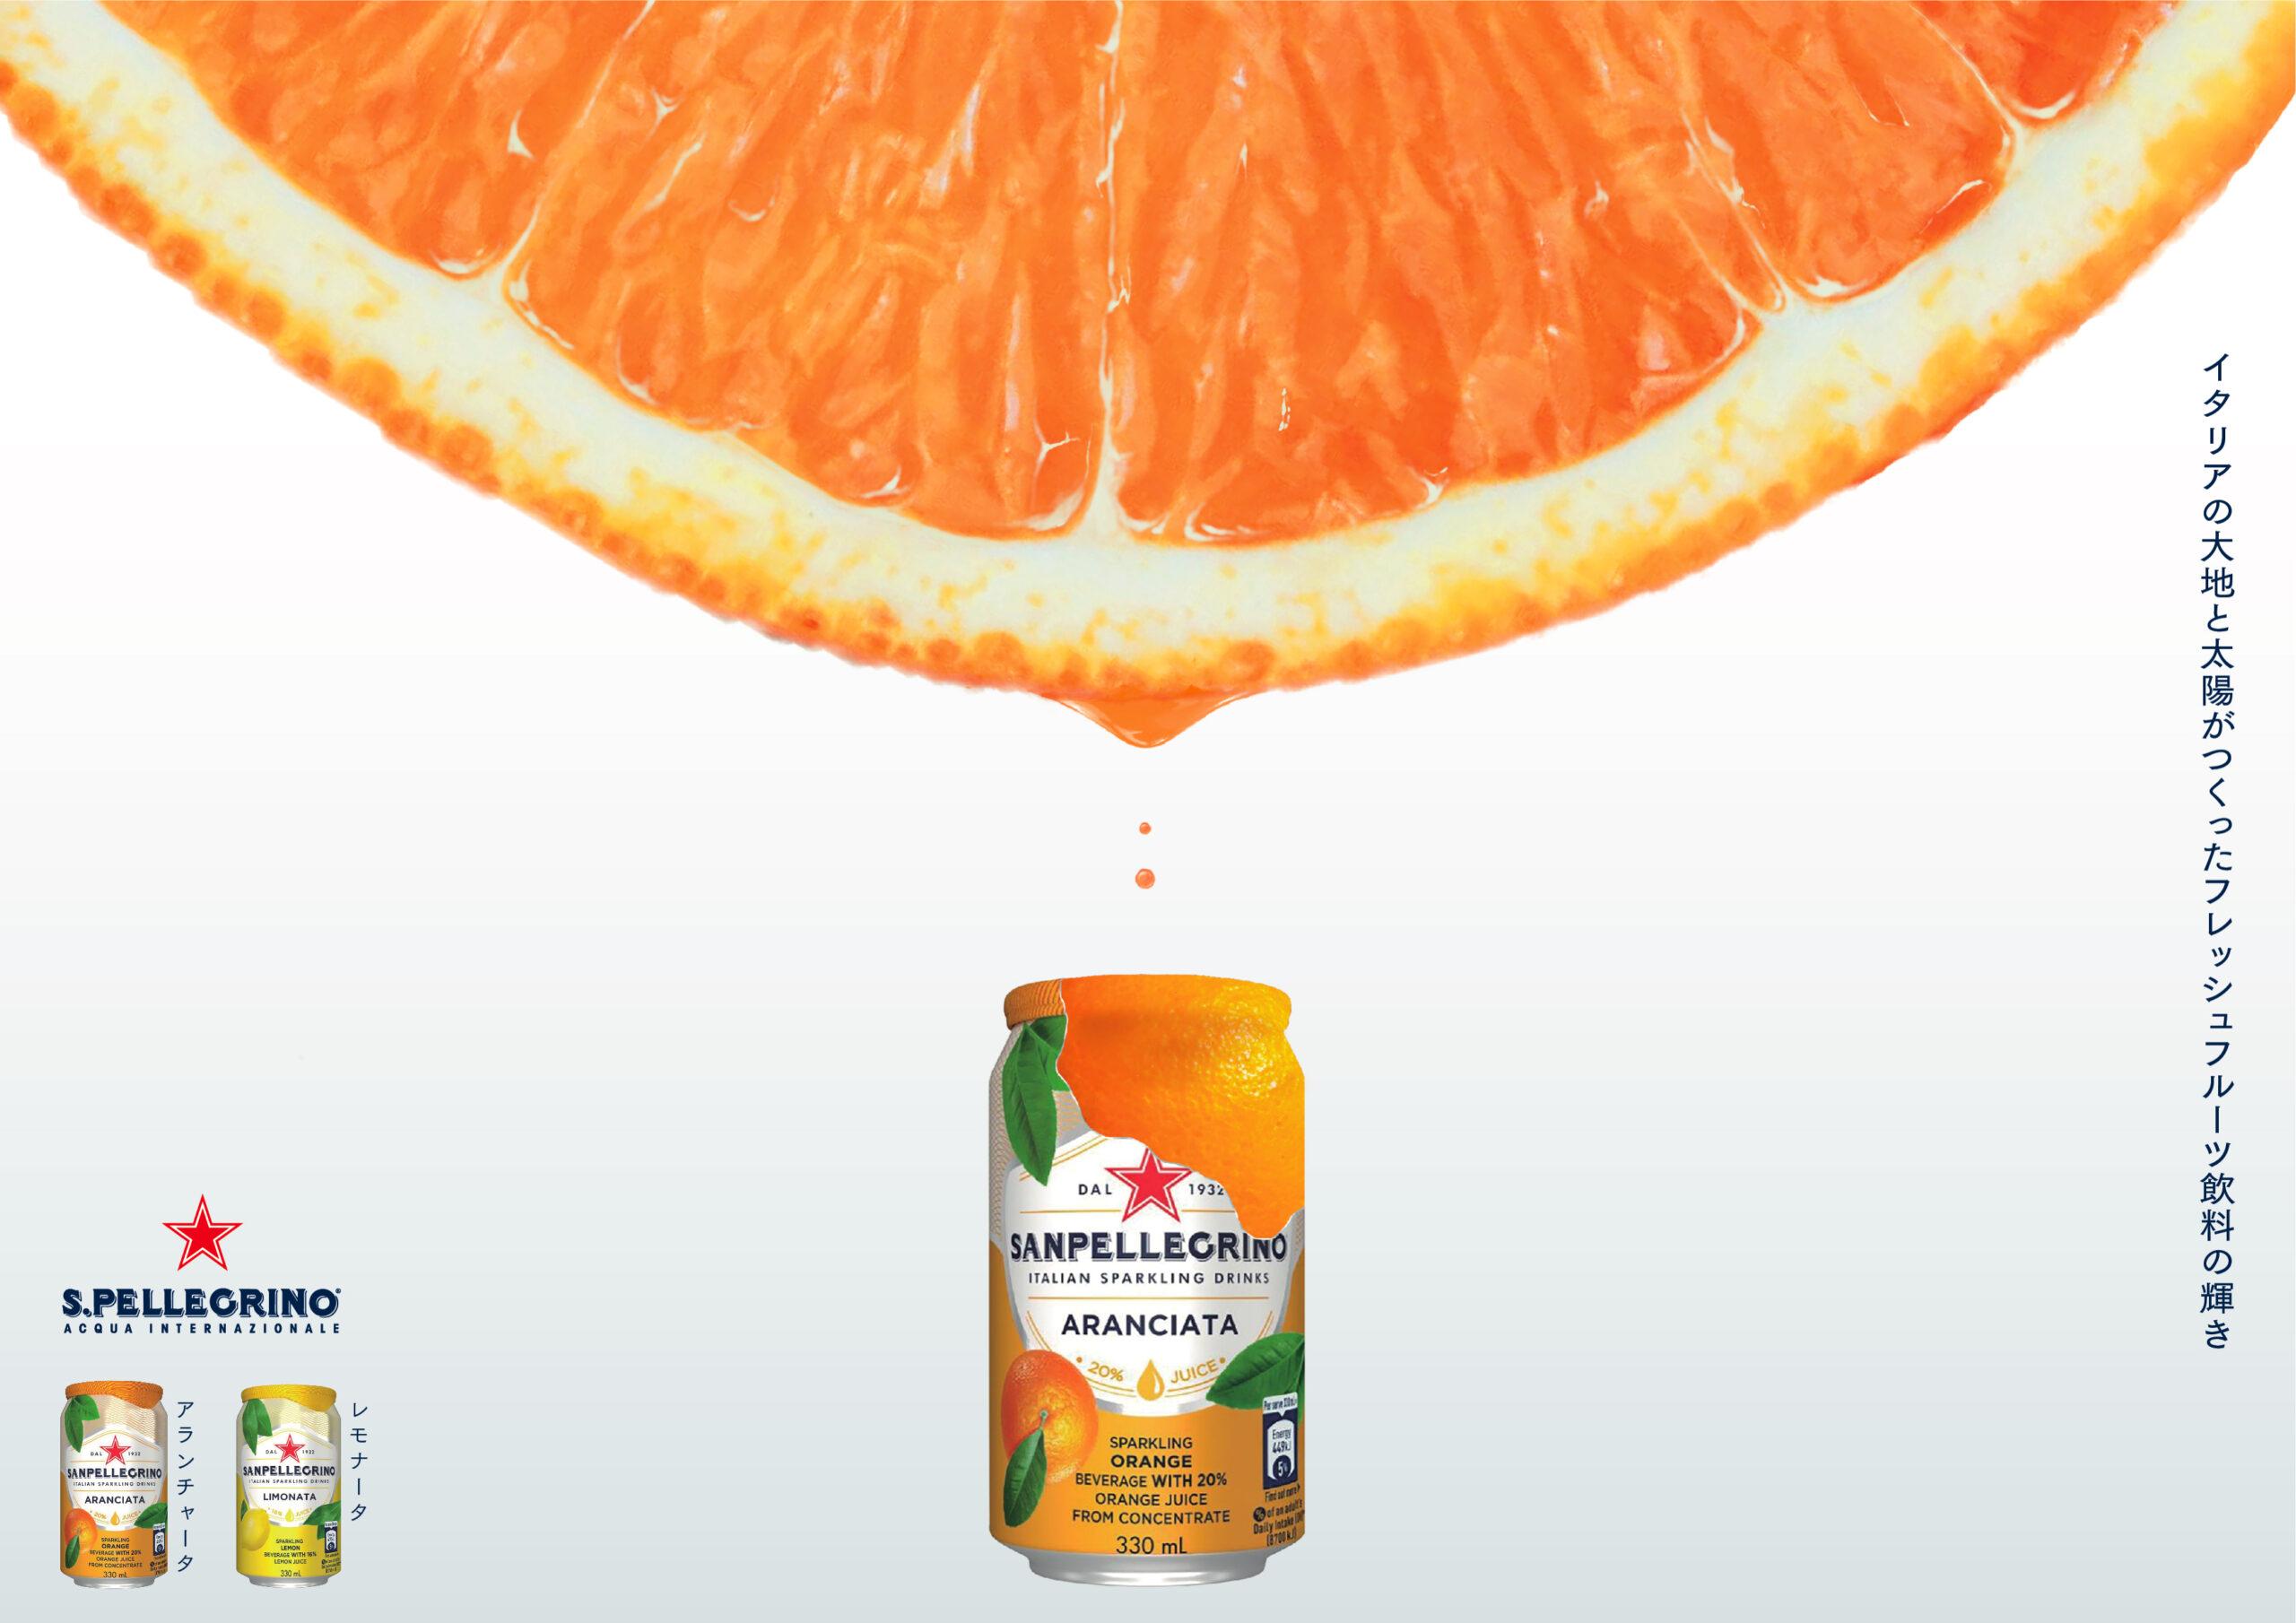 S.Pellegrinoの広告作ってみた (フレッシュオレンジ編)